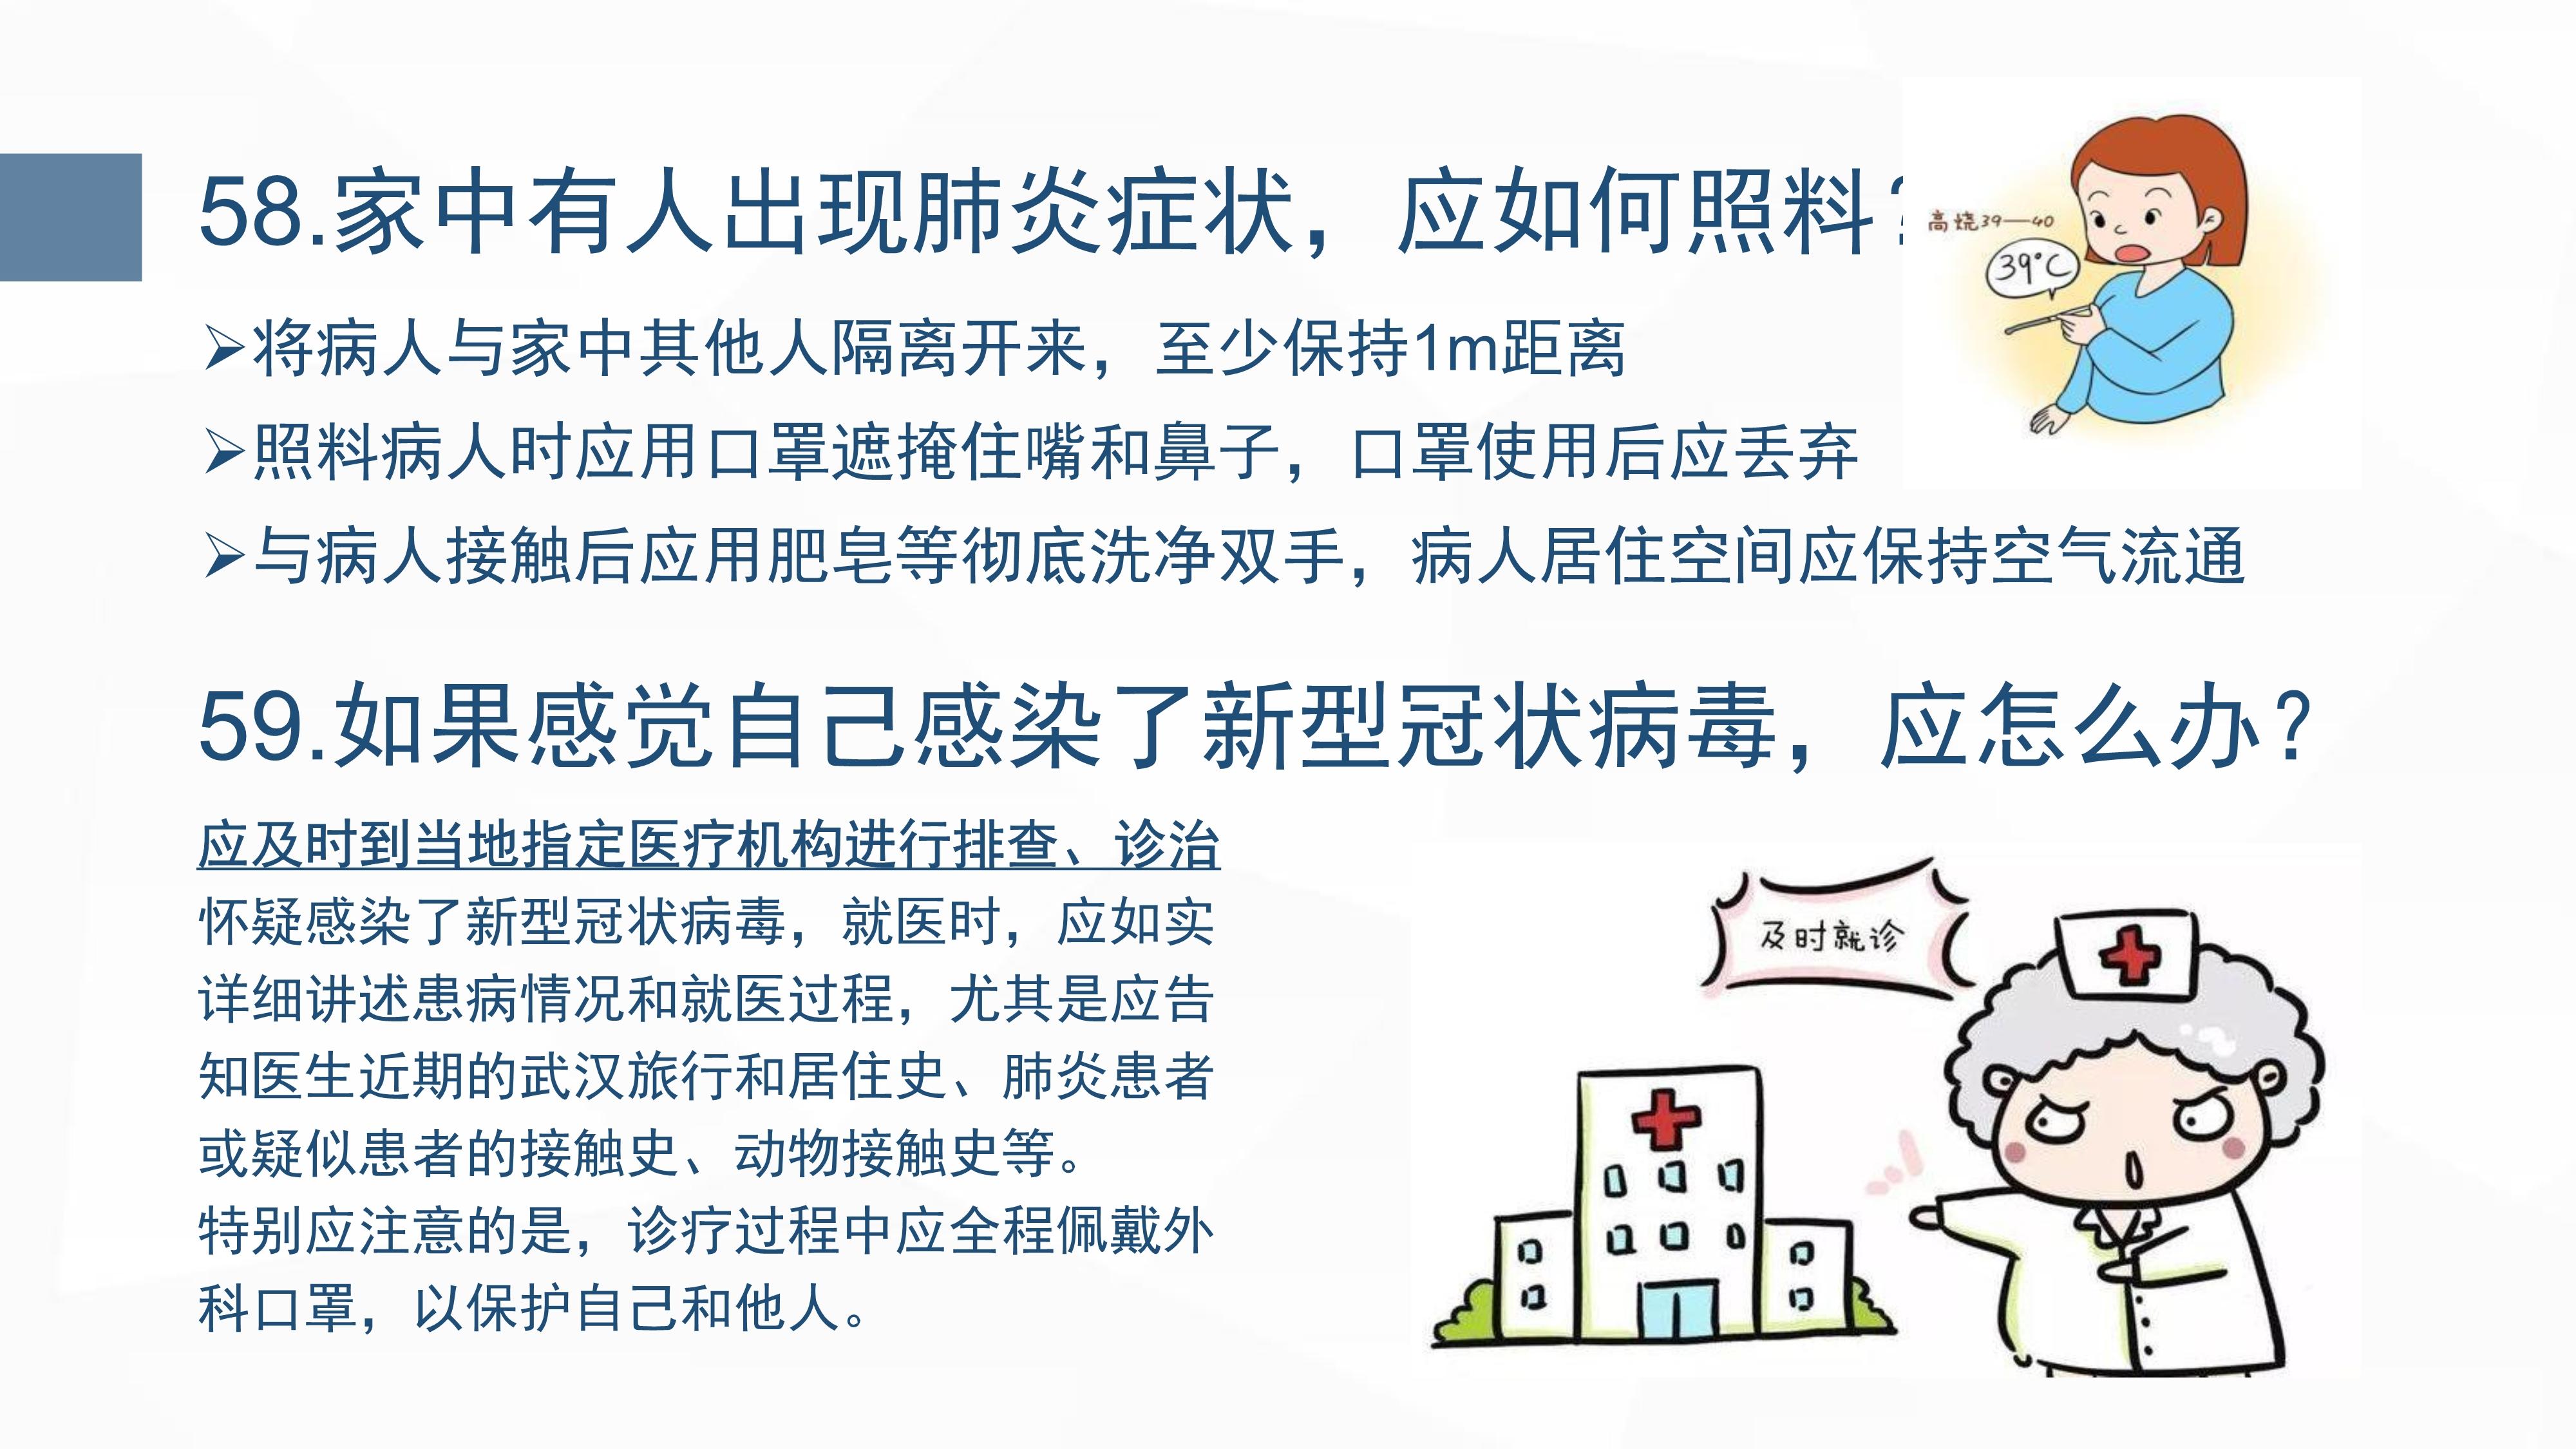 新型冠状病毒肺炎预防手册_67